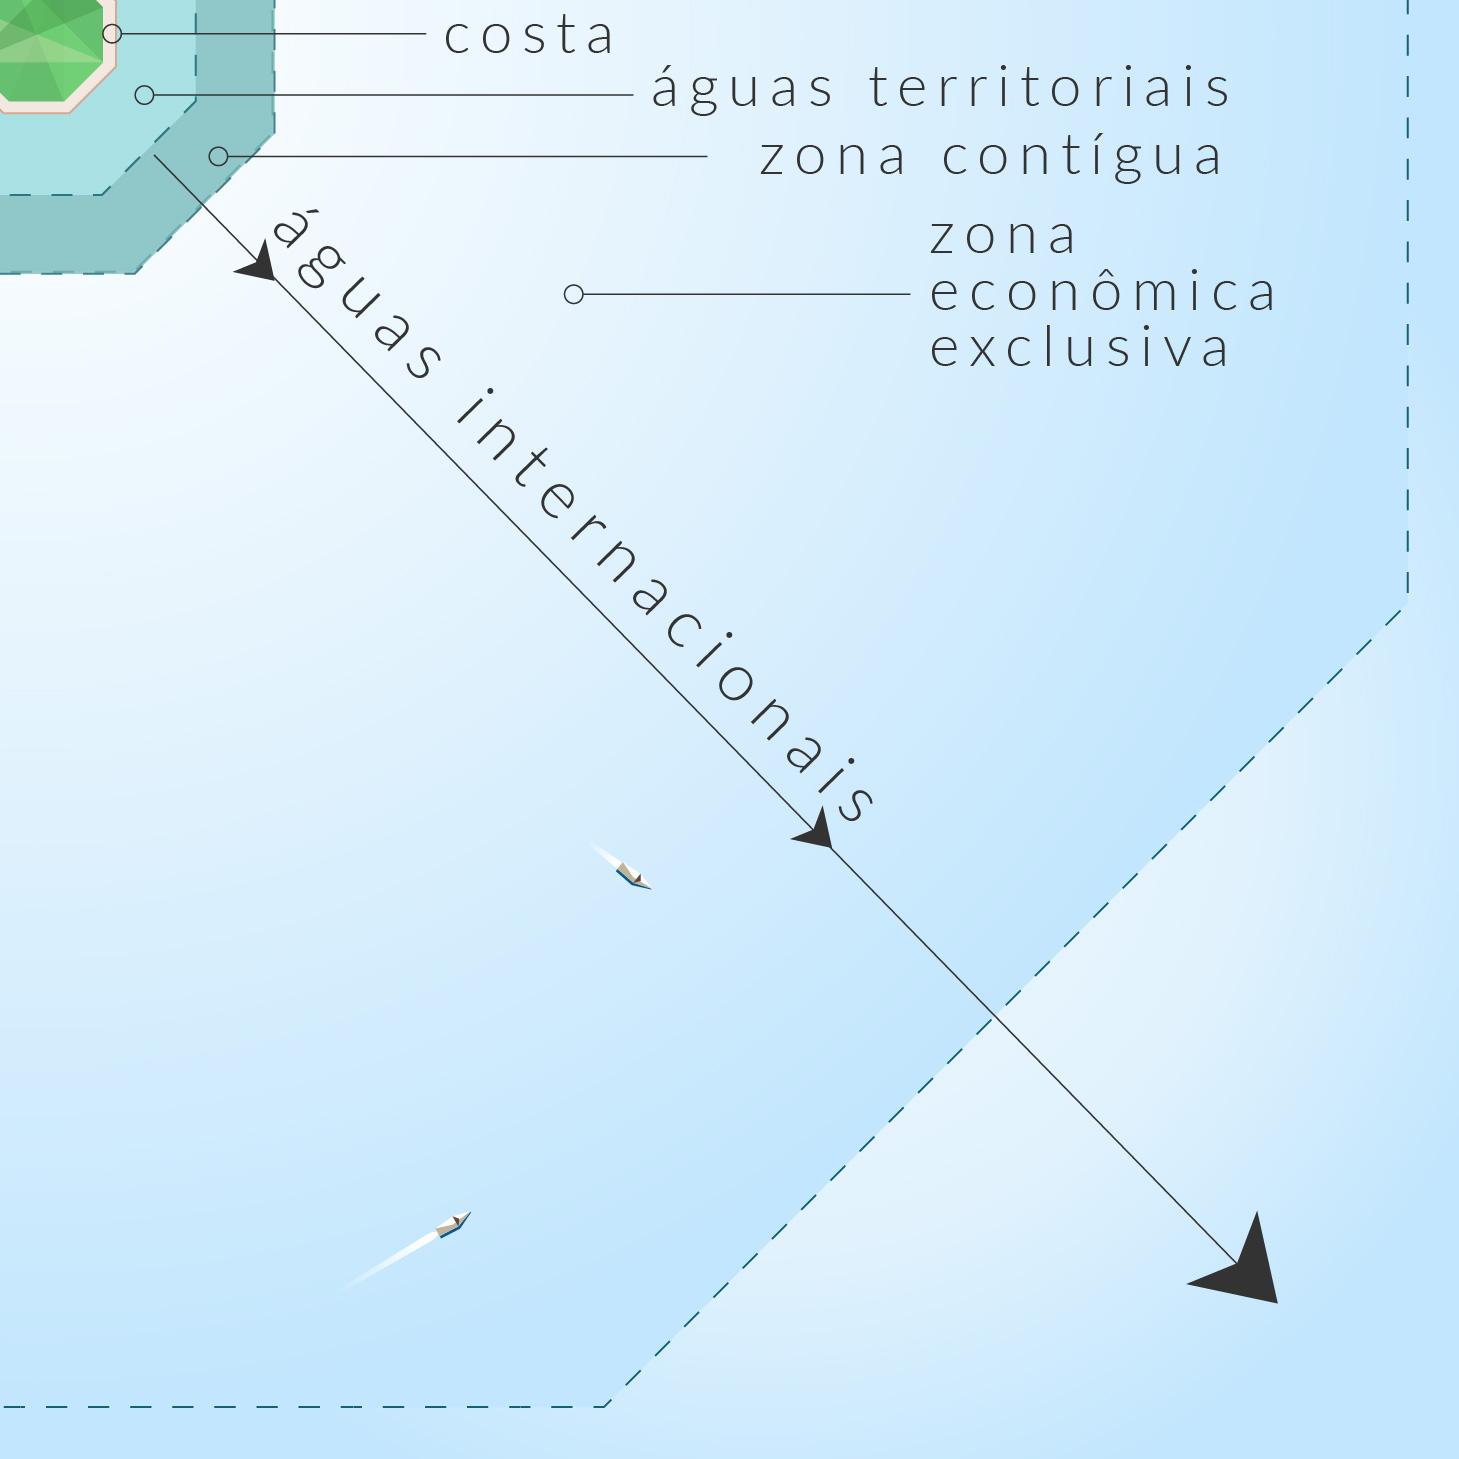 Gráfico mostra definições para distâncias que se estendem a partir da costa (Depto. de Estado/S. Gemeny Wilkinson)